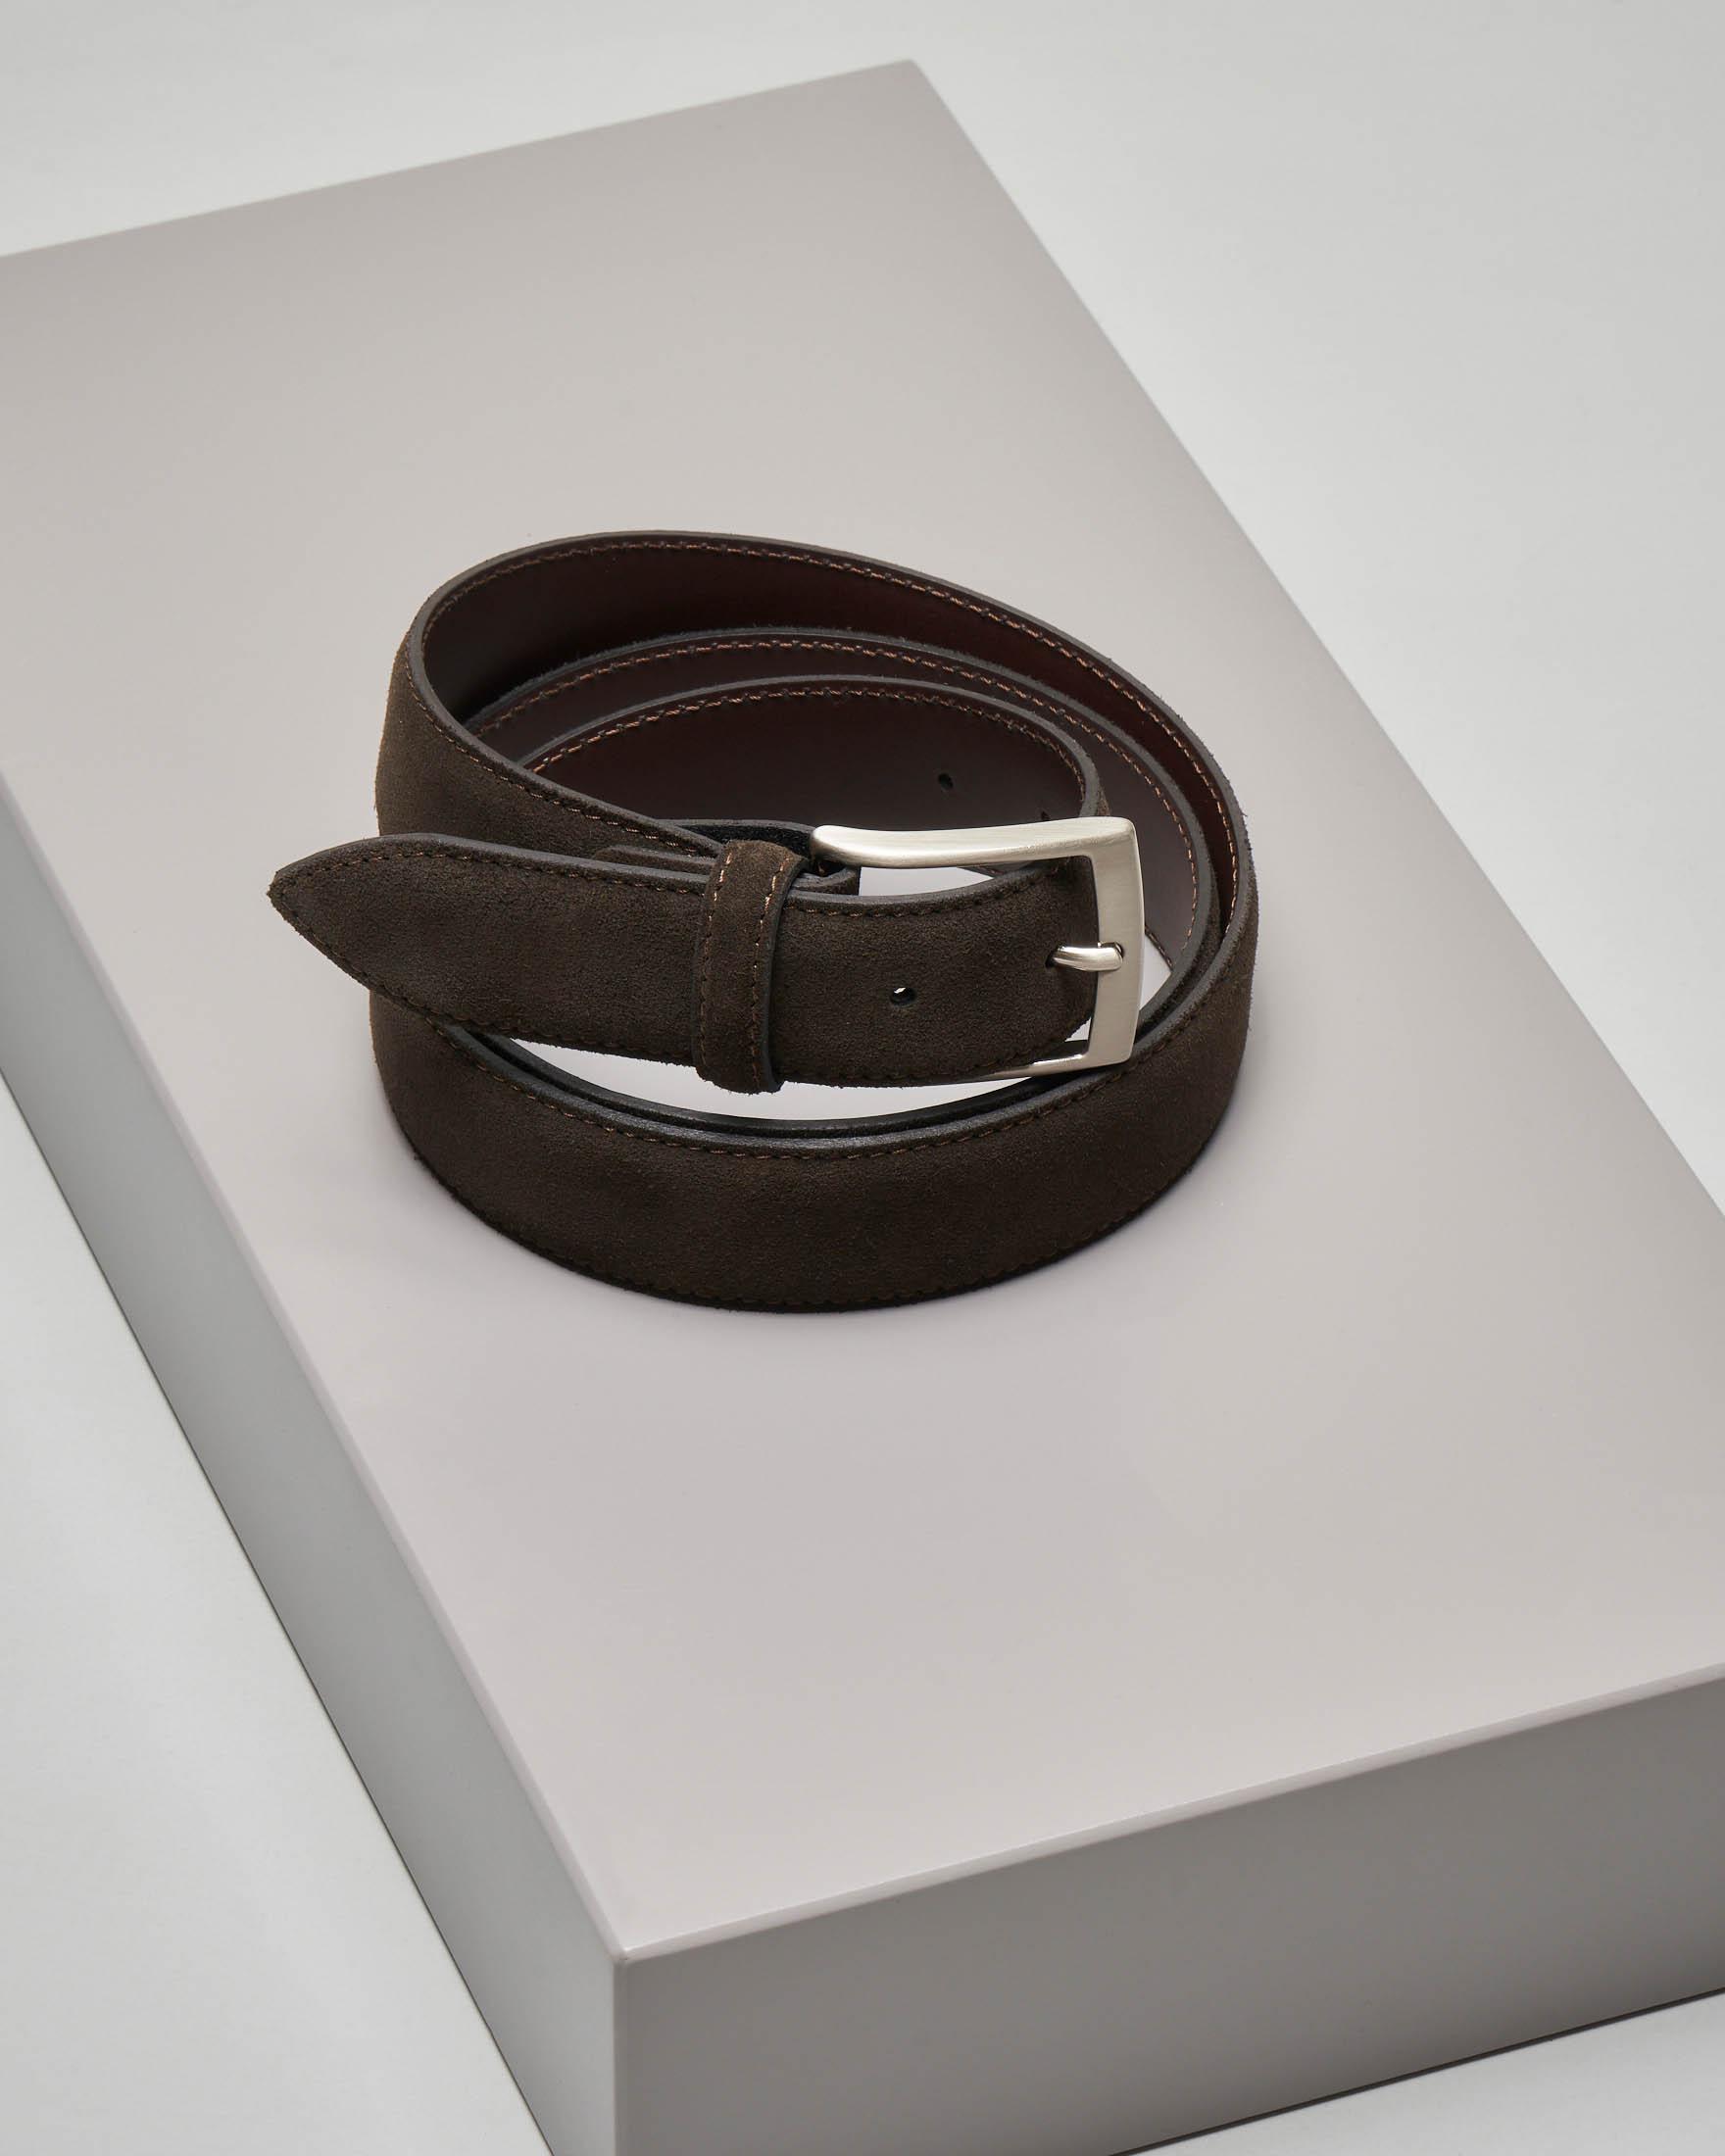 Cintura marrone in pelle scamosciata